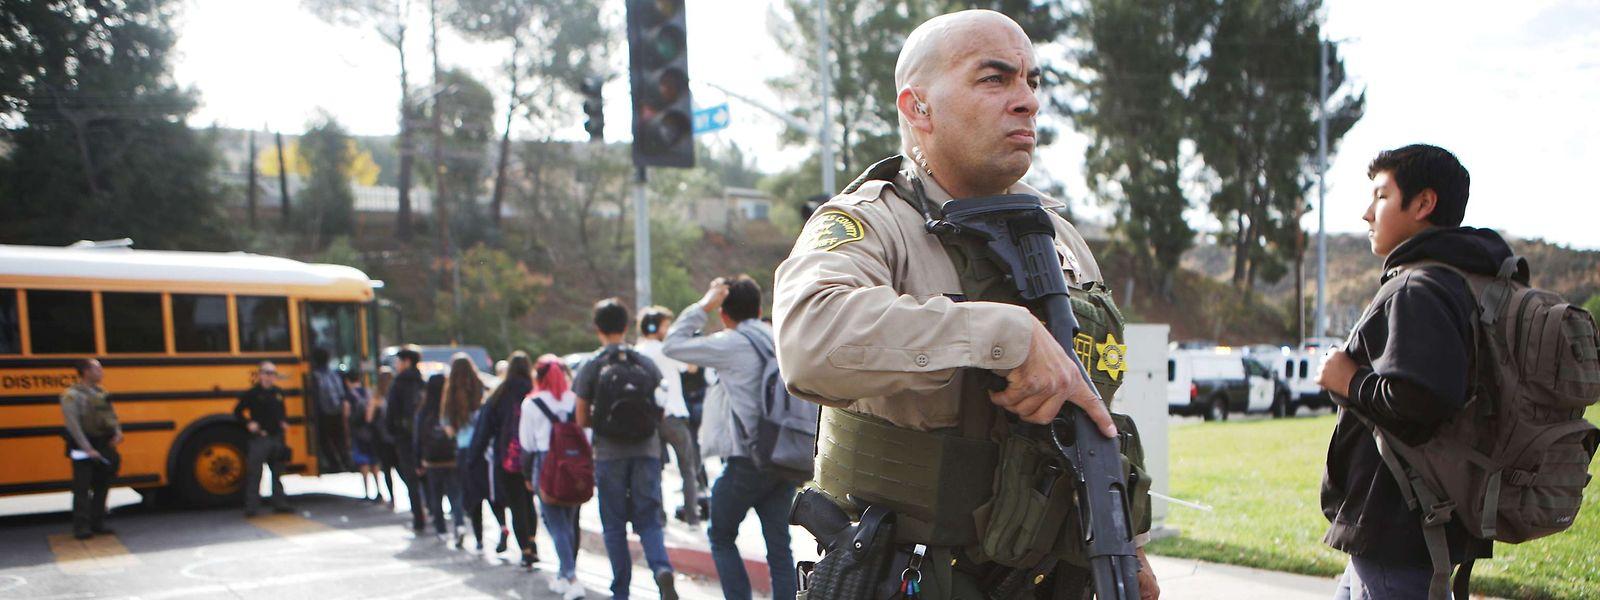 Die Schüler wurden unter Polizeischutz evakuiert, während die Einsatzkräfte nach dem Täter suchten.